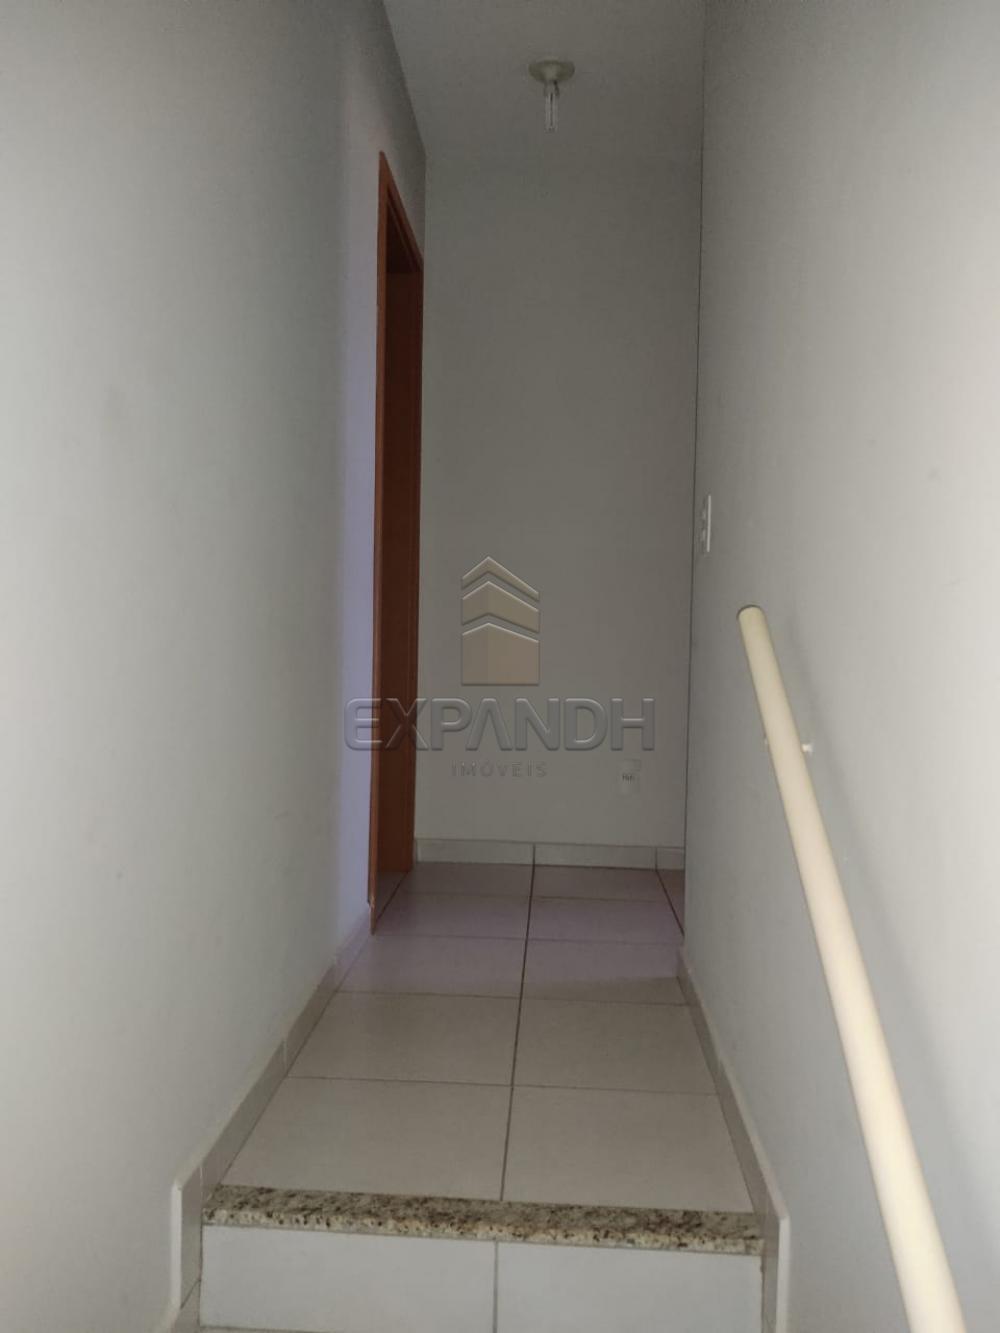 Comprar Casas / Condomínio em Sertãozinho R$ 240.000,00 - Foto 11